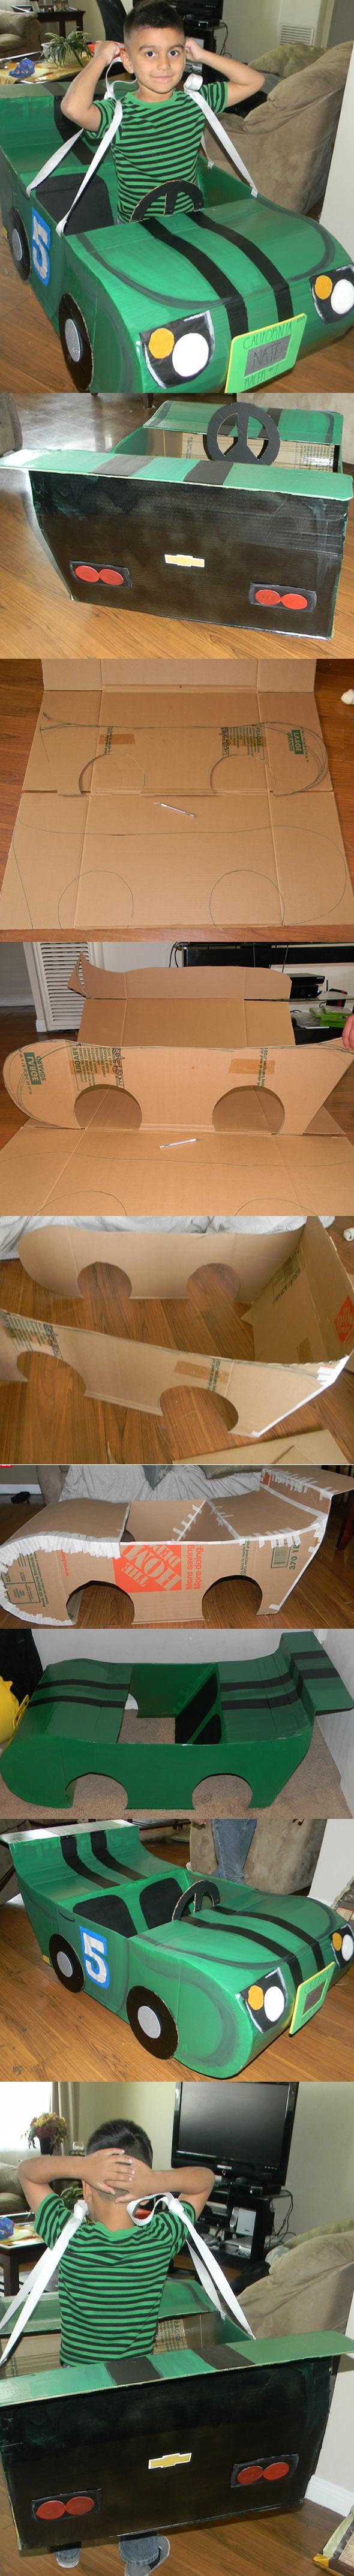 Como fazer Carrinho de Caixa de Papelão